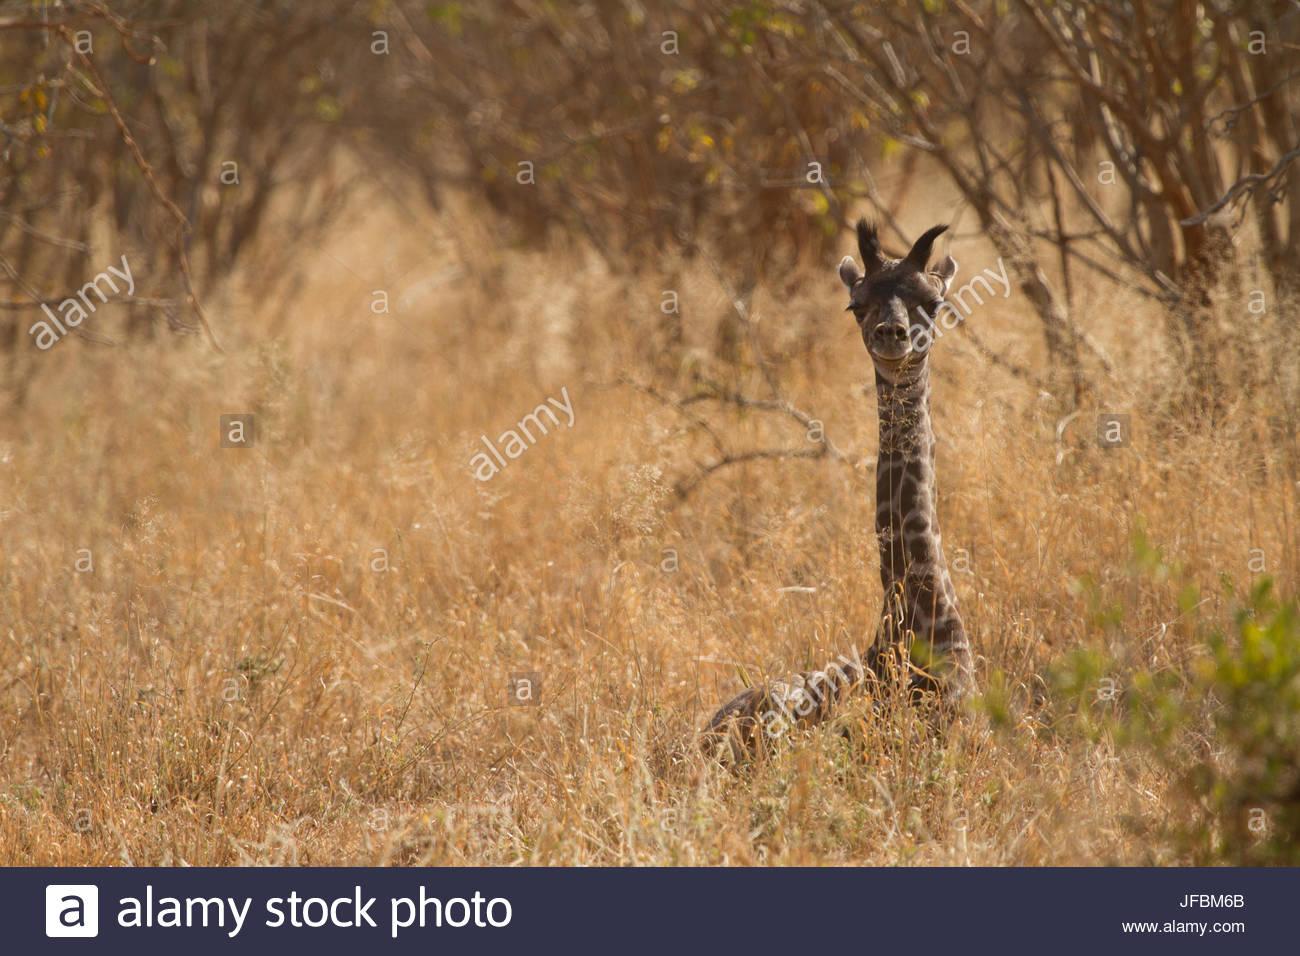 Un adolescent girafe se cachant dans les hautes herbes. Photo Stock